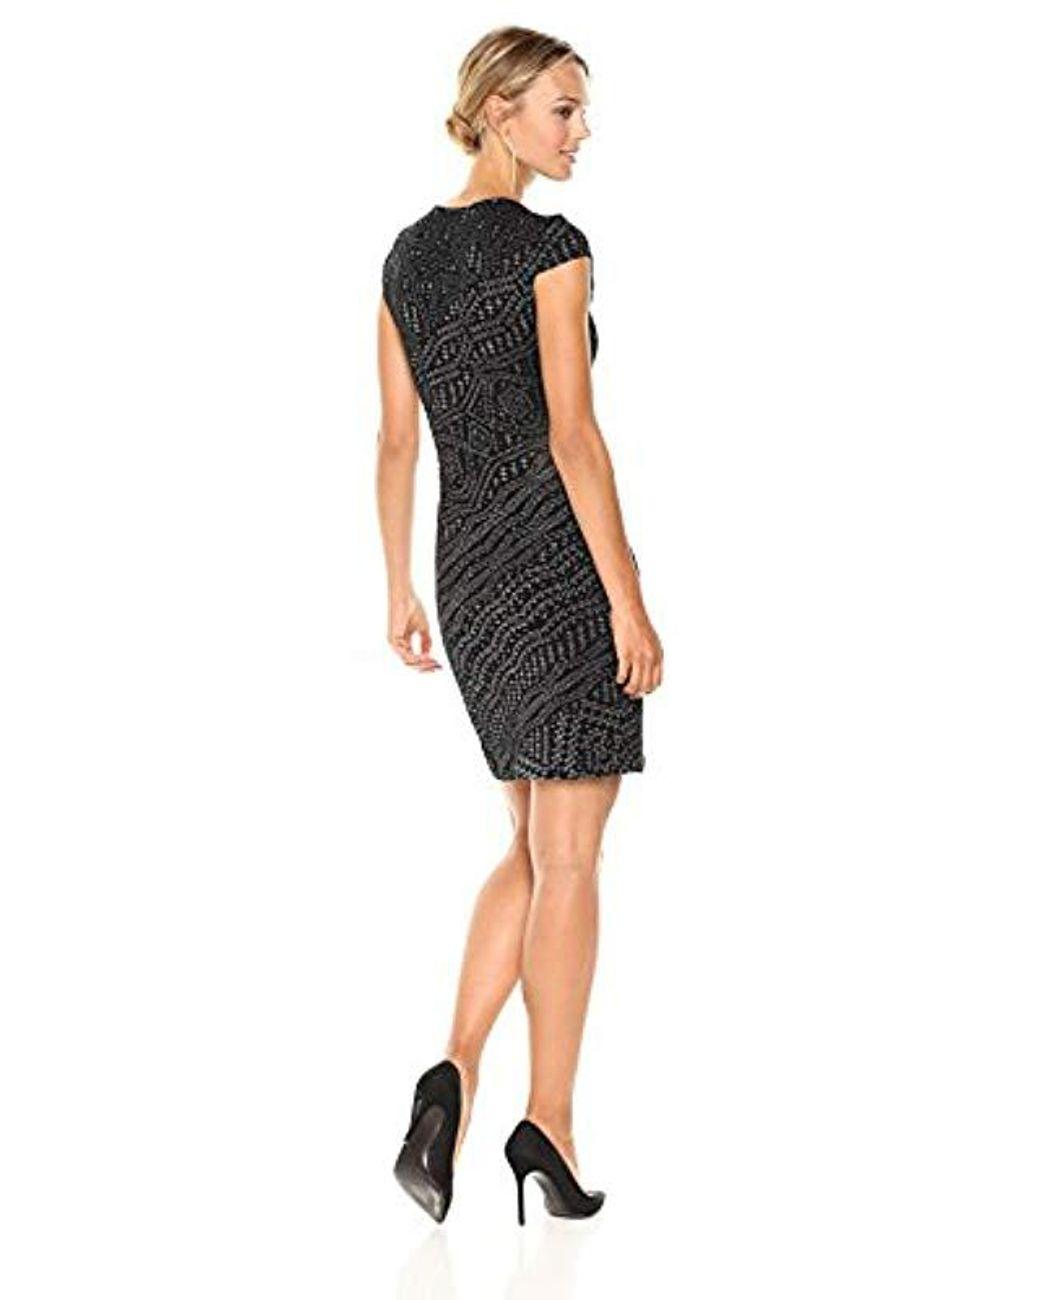 Anouk Black 12lyst Save Vest Dress Kuzwoipxtl In Desigual nOX8ZNPk0w